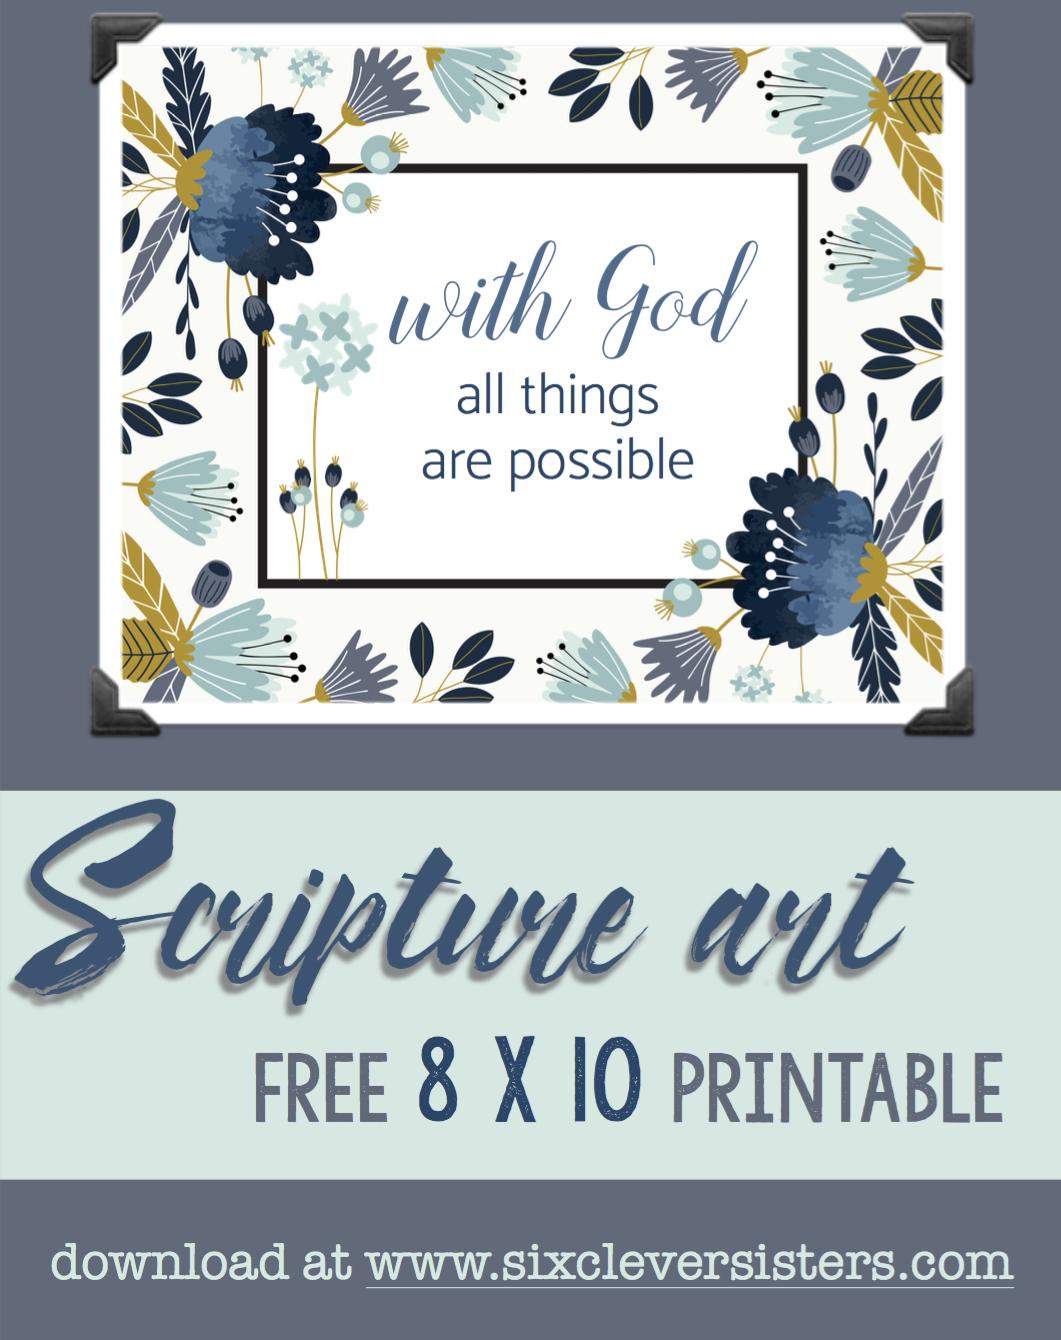 graphic regarding Free Printable Scripture Art named Cost-free Printable Scripture Artwork: With God - 6 Sensible Sisters